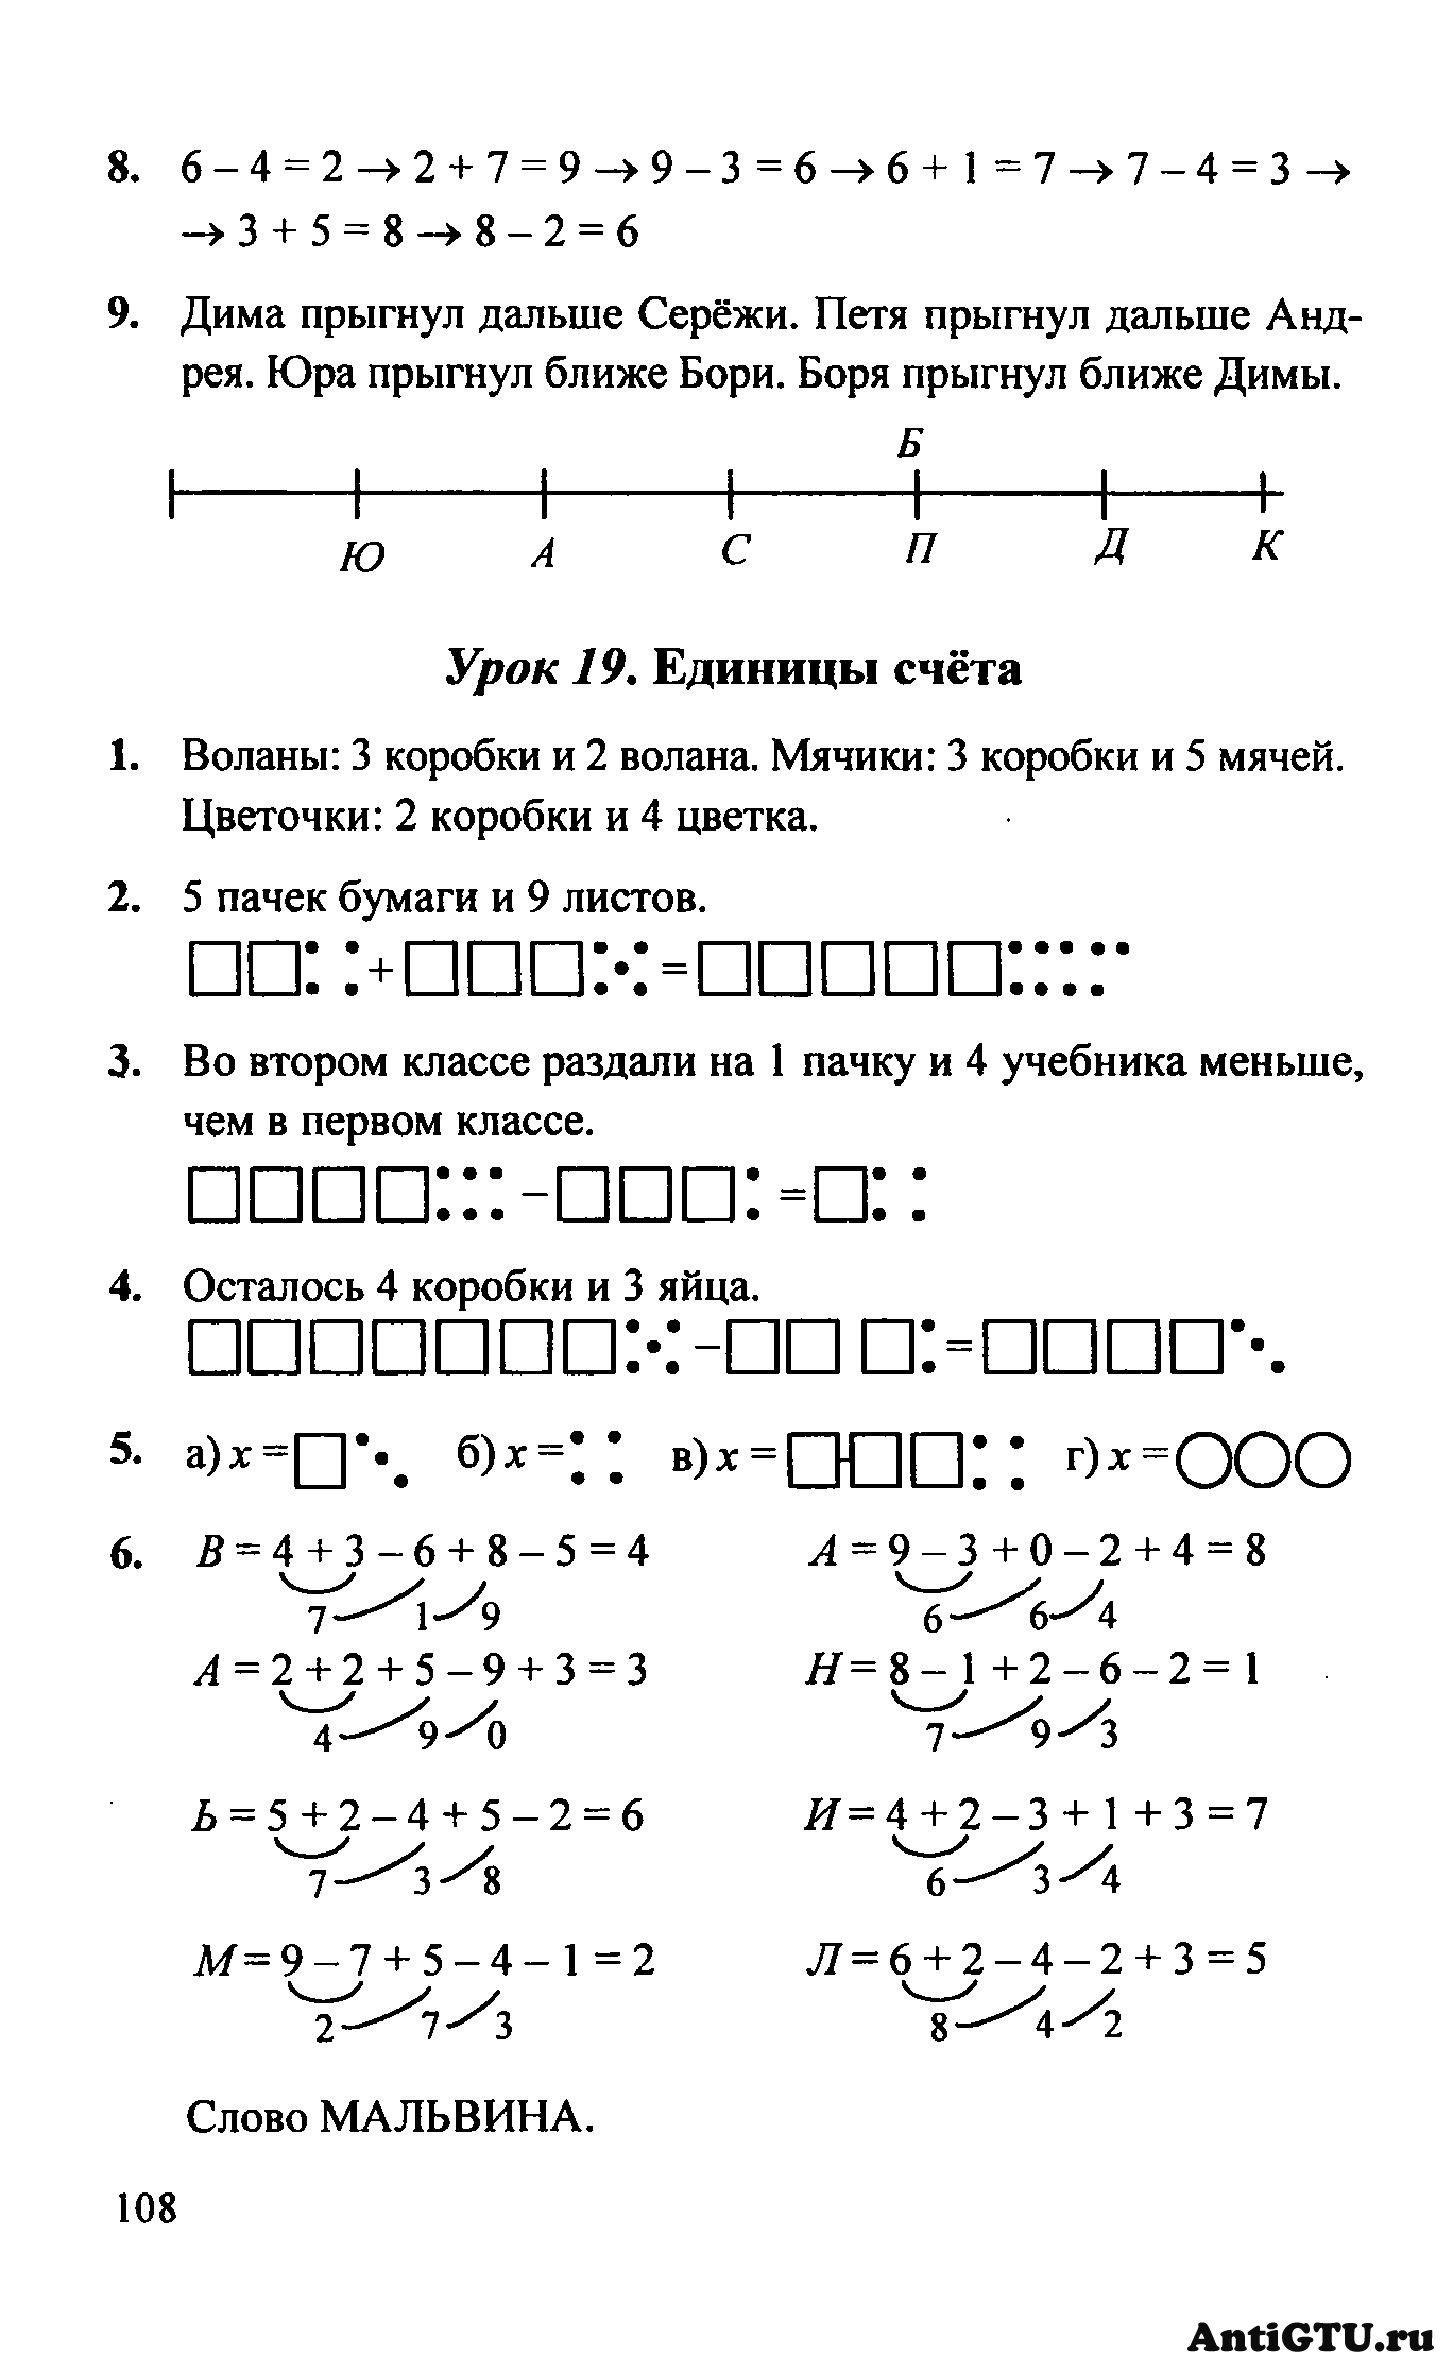 Решебник по математике 5 класс мерзляк ответы збирнык